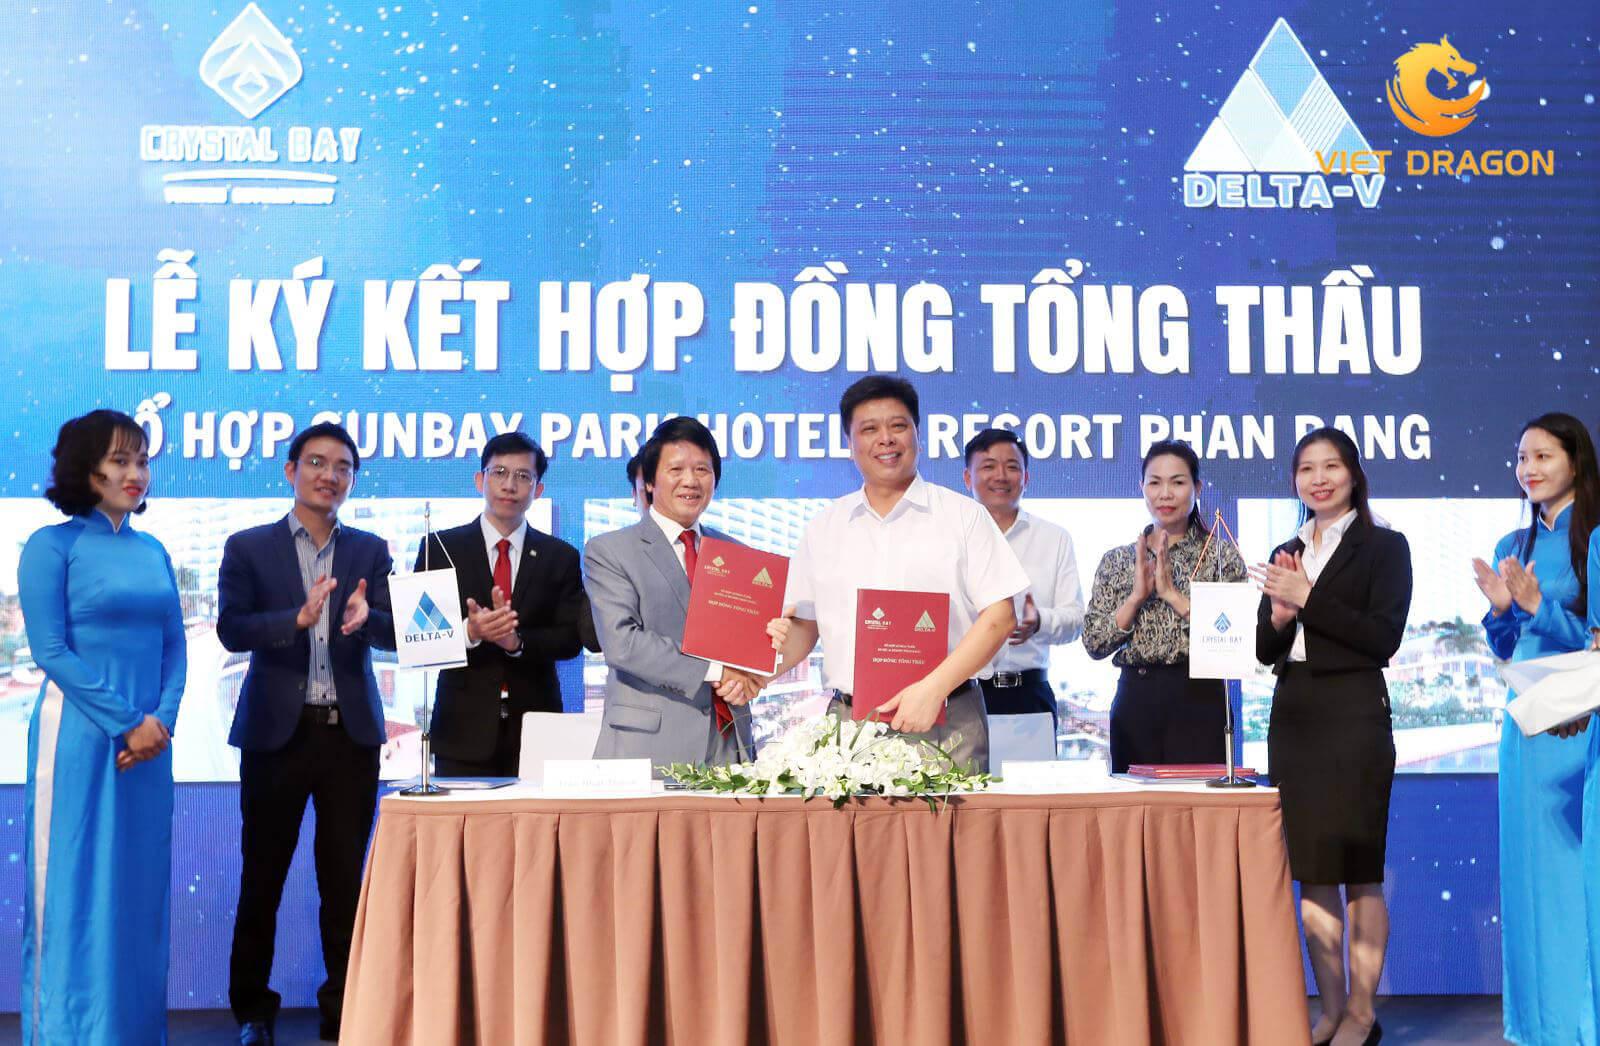 tổ chức lễ ký kết hợp đồng Đà Nẵng 5